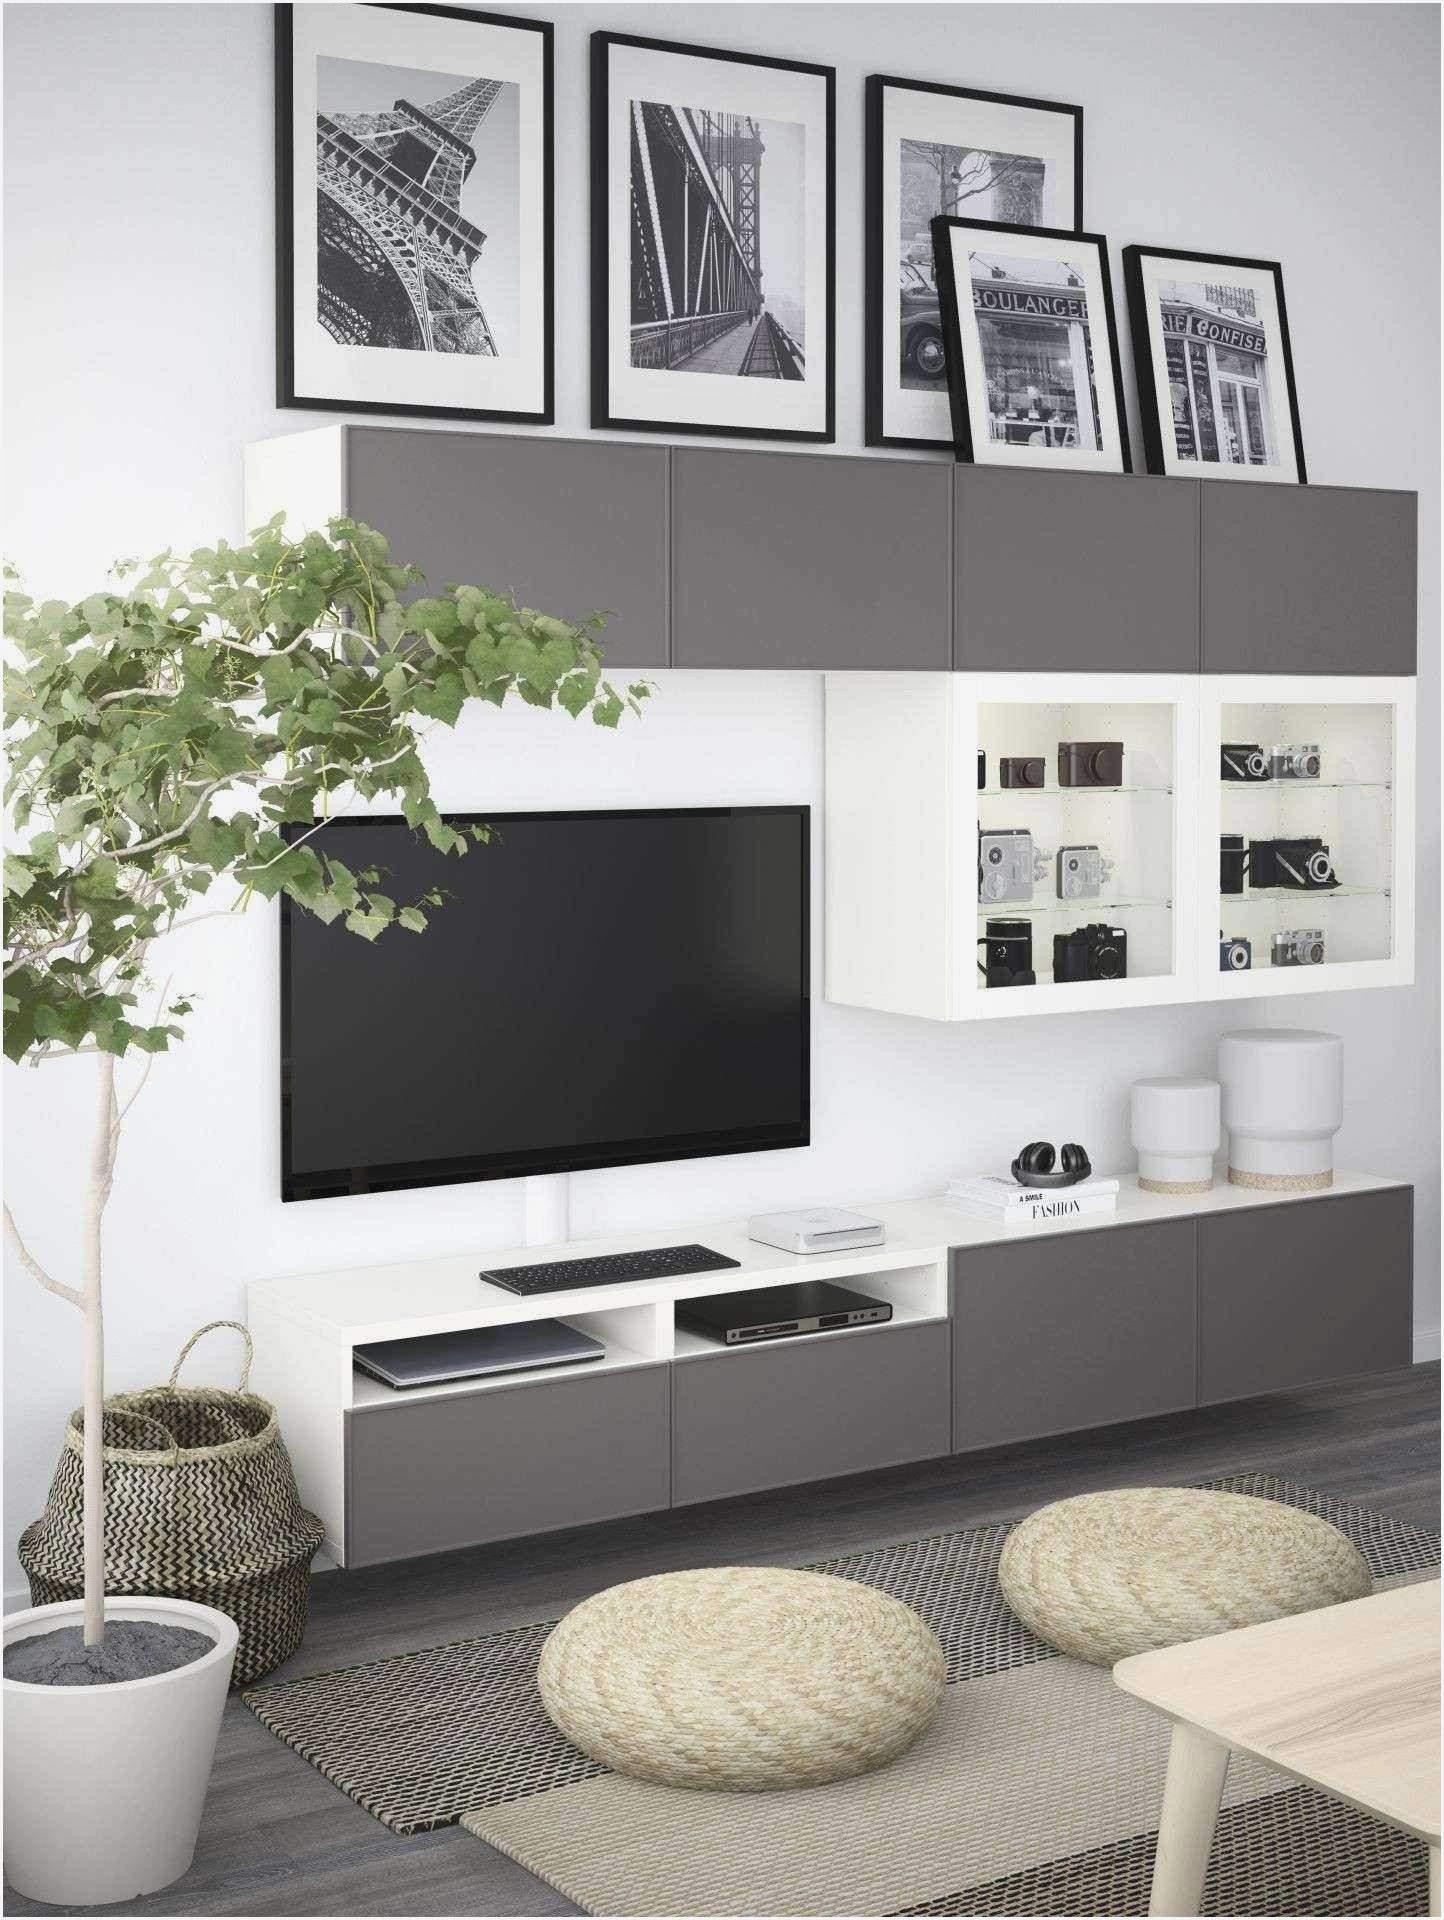 dekoration wohnzimmer ideen neu ikea deko ideen wohnzimmer wohnzimmer traumhaus of dekoration wohnzimmer ideen